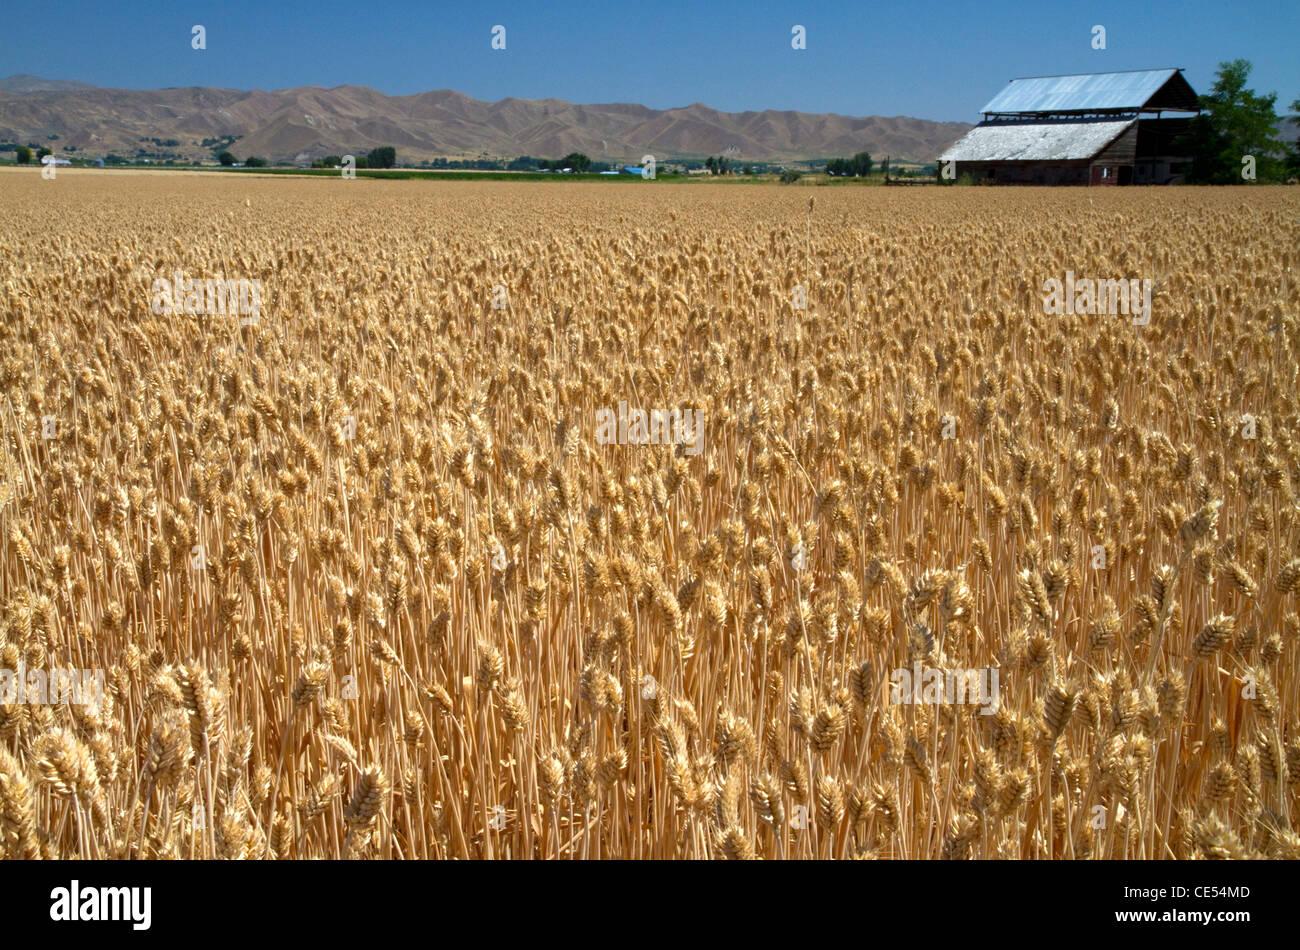 Campo di grano vicino a Emmett, Idaho, Stati Uniti d'America. Immagini Stock